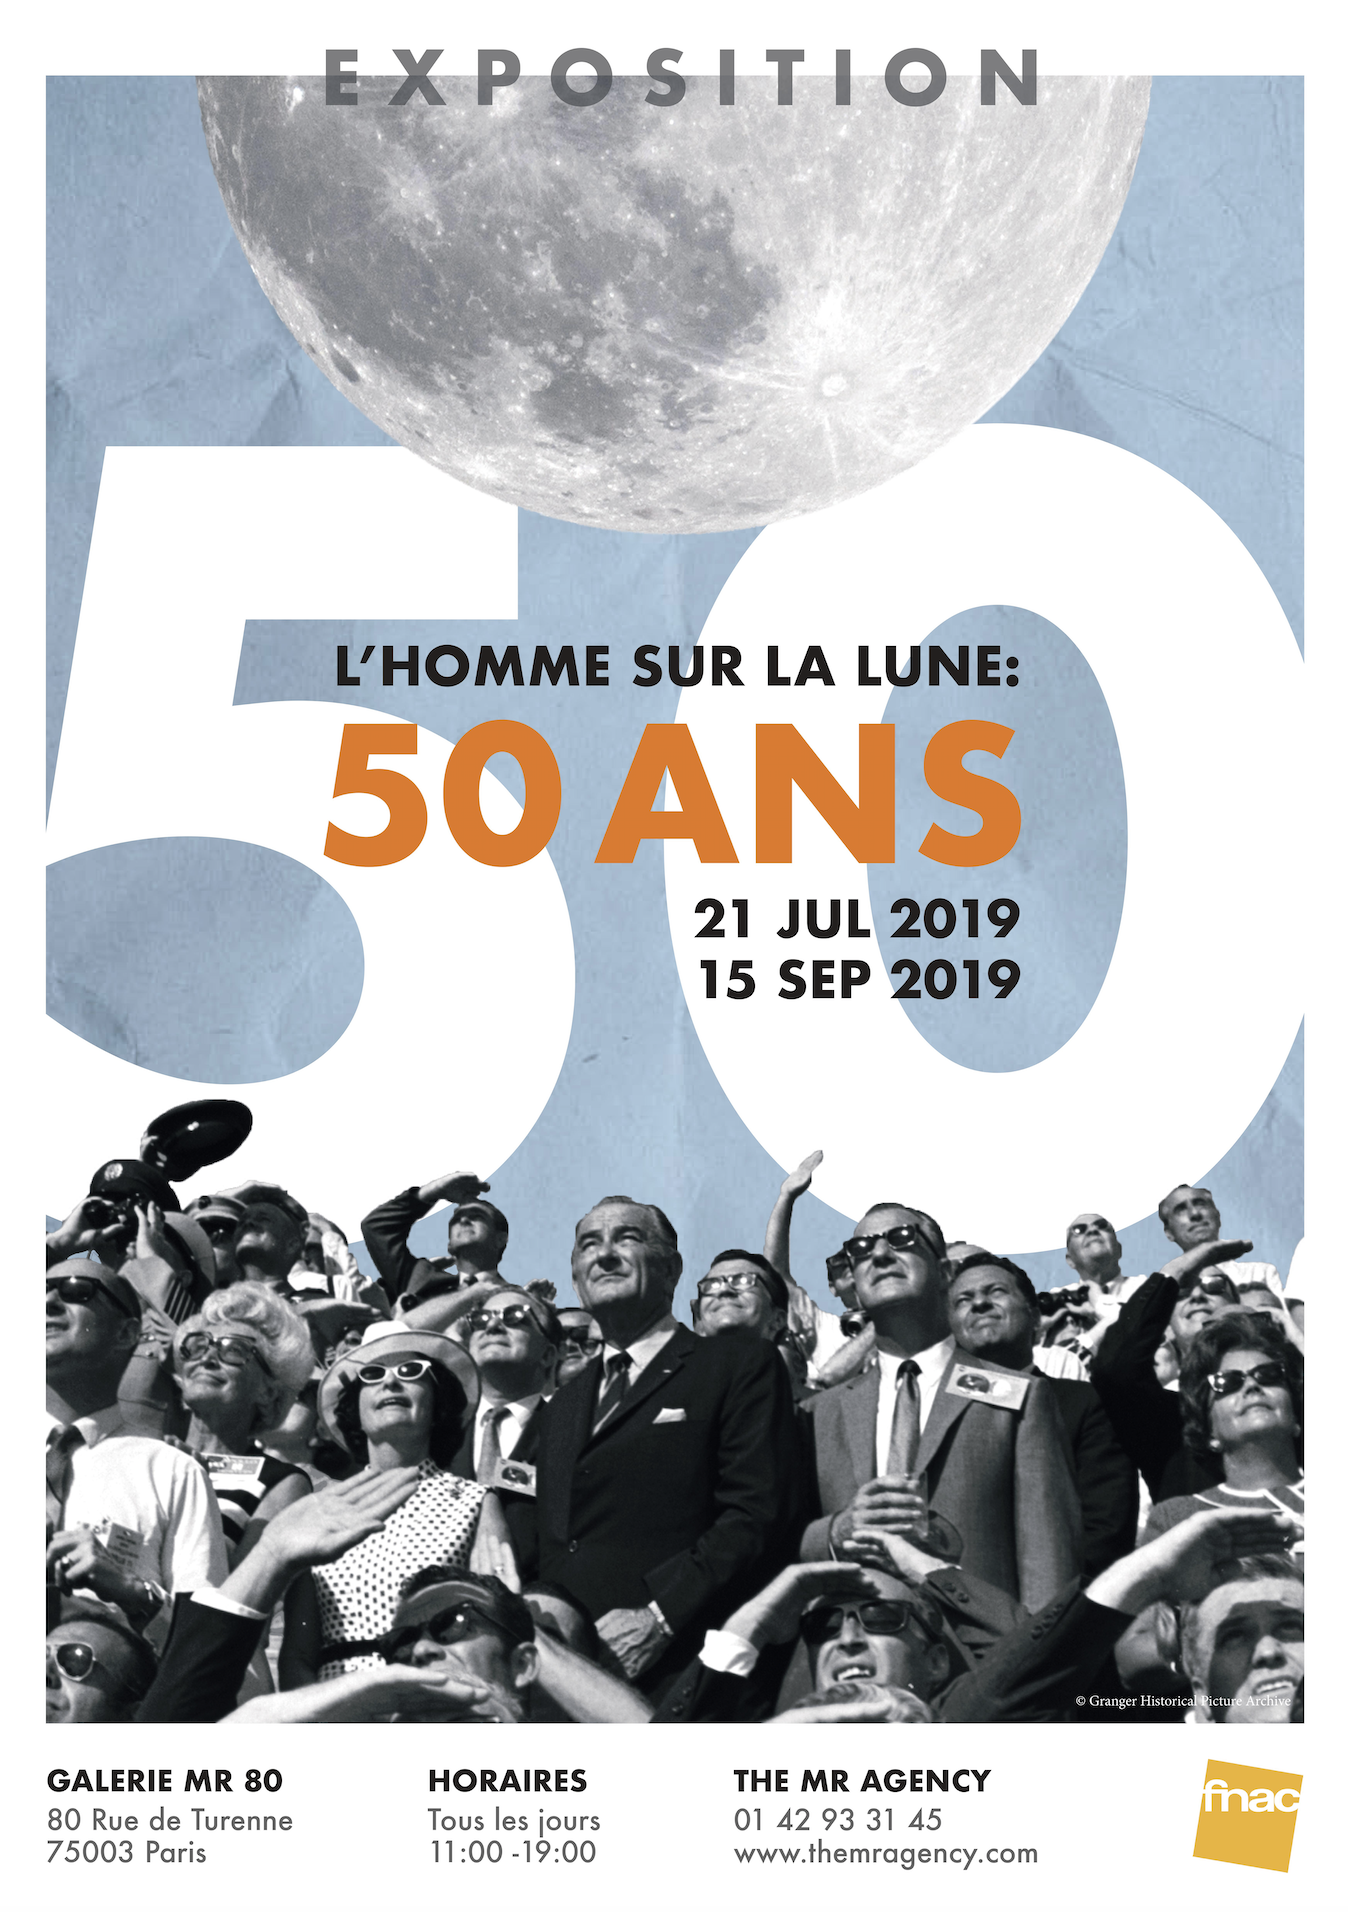 L'Homme sur la Lune: 50 ans